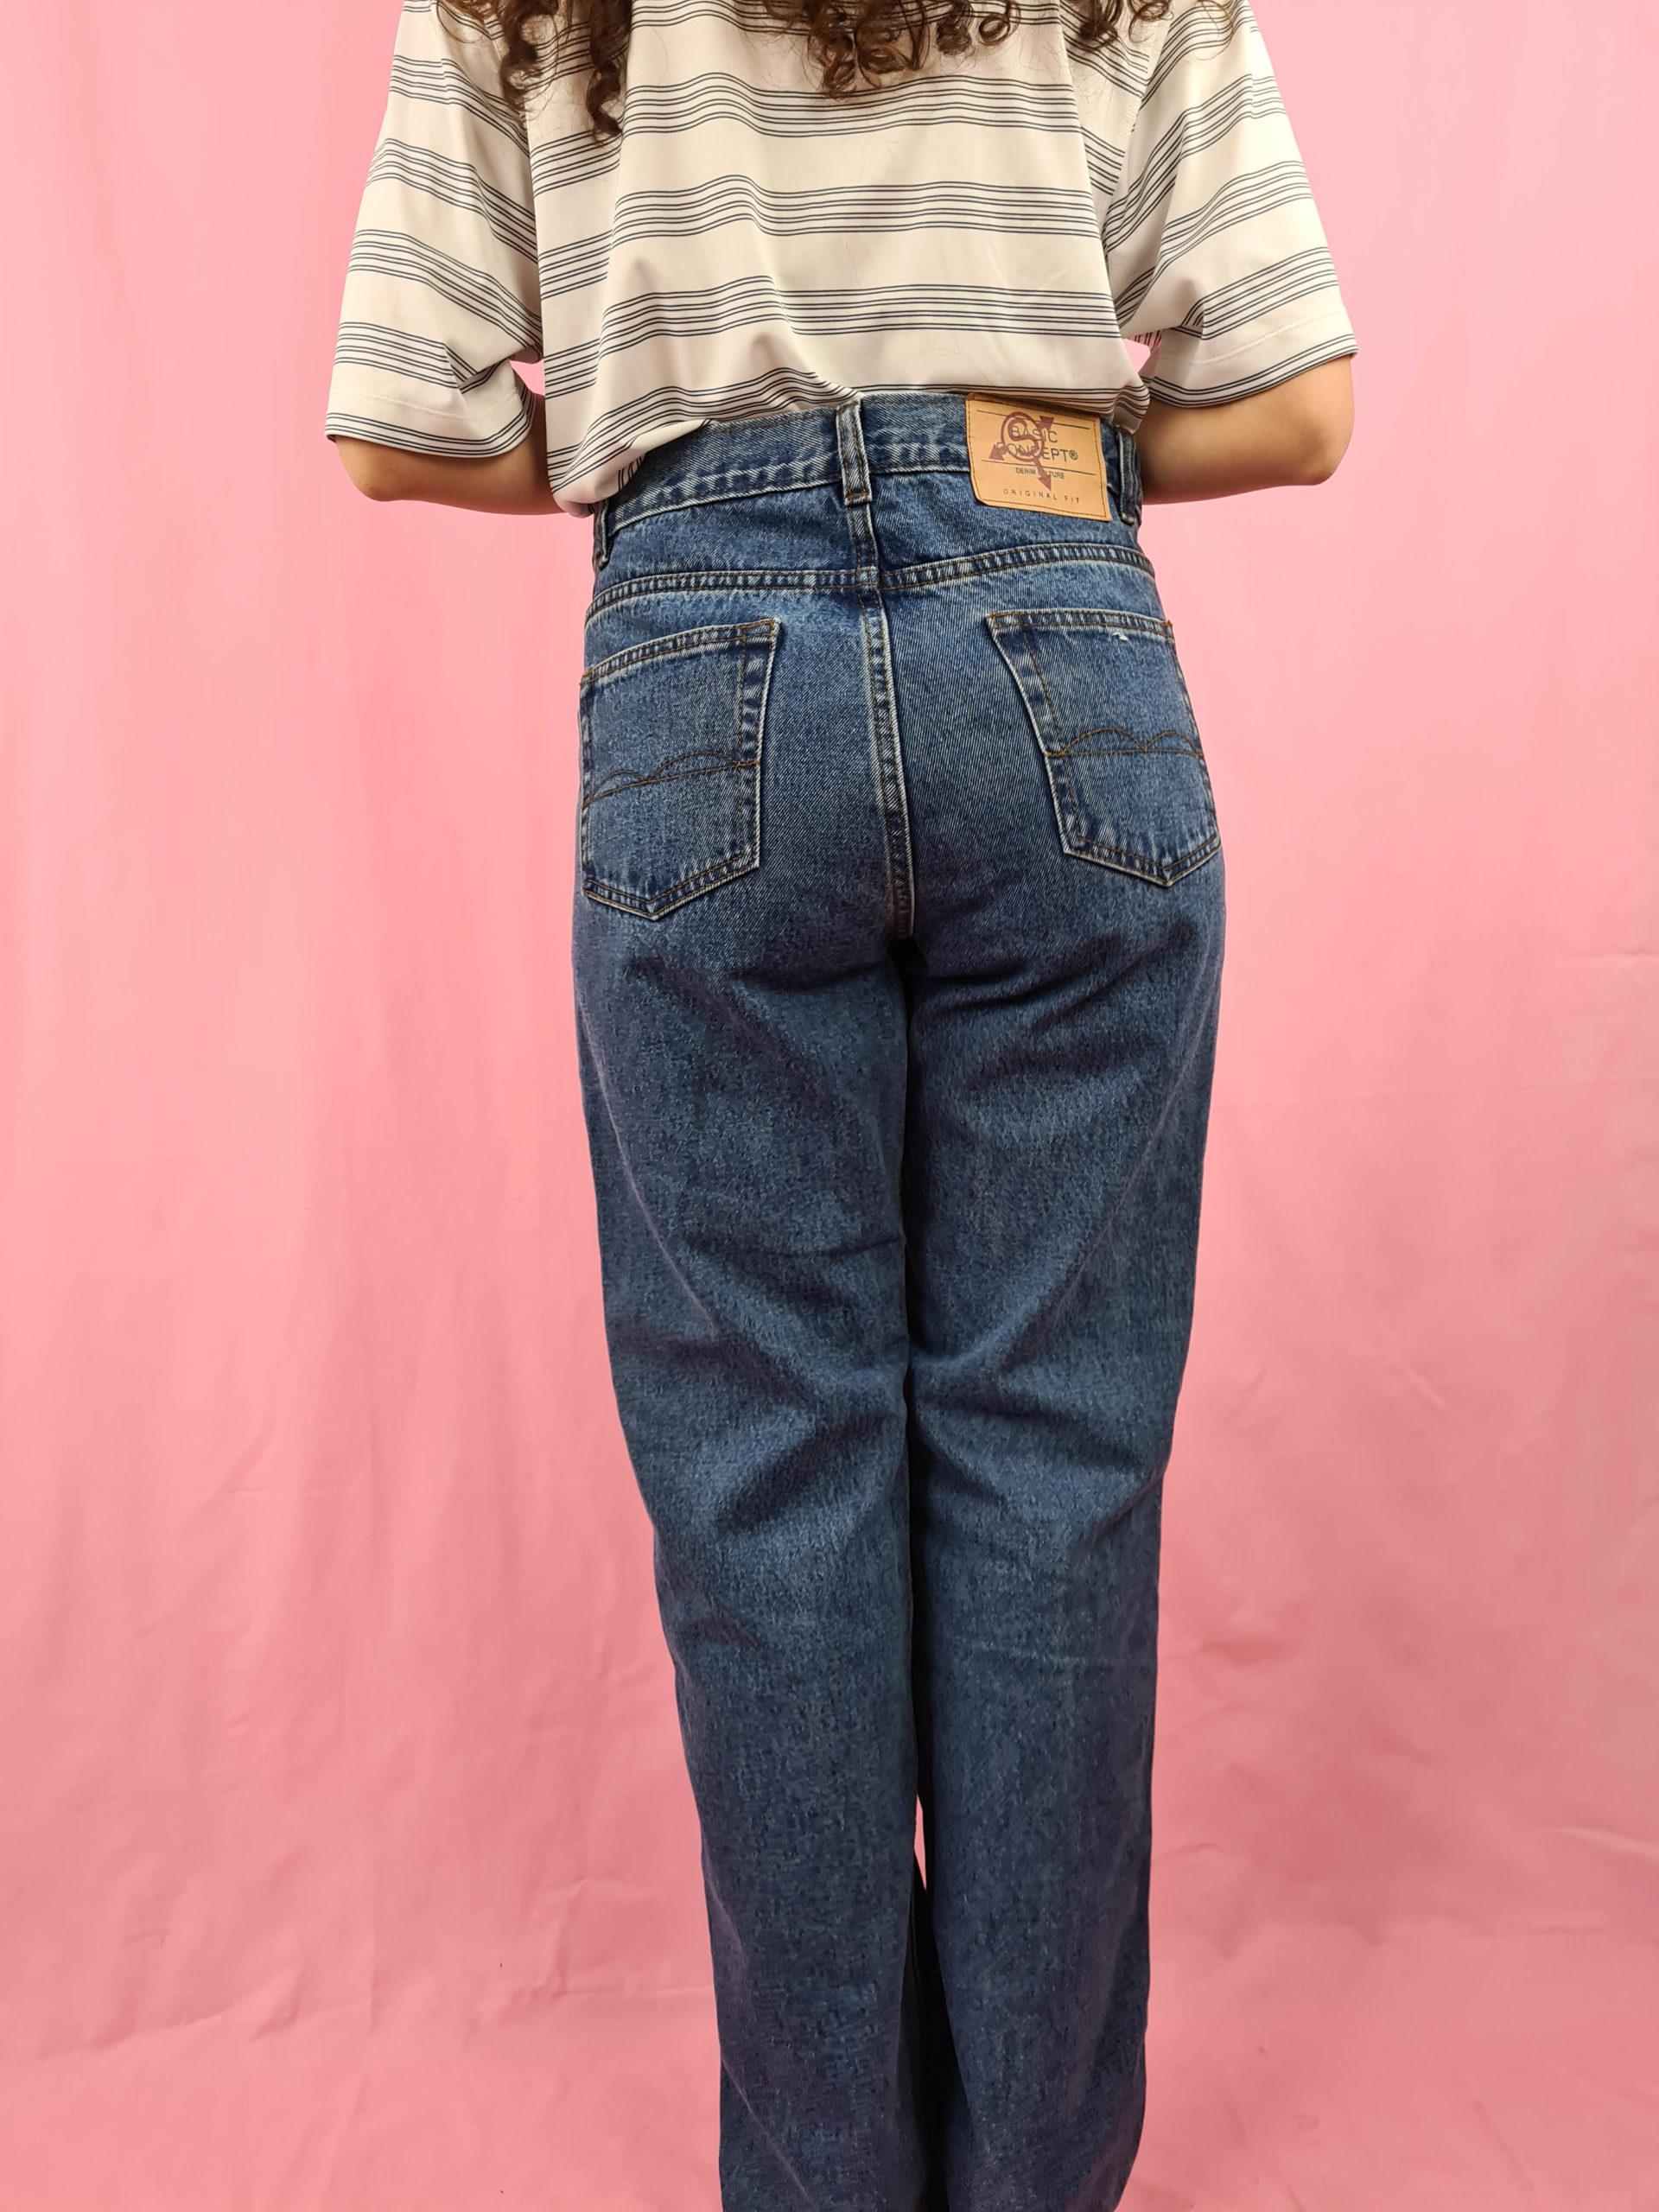 jean droit bleu Basic Concept (3)